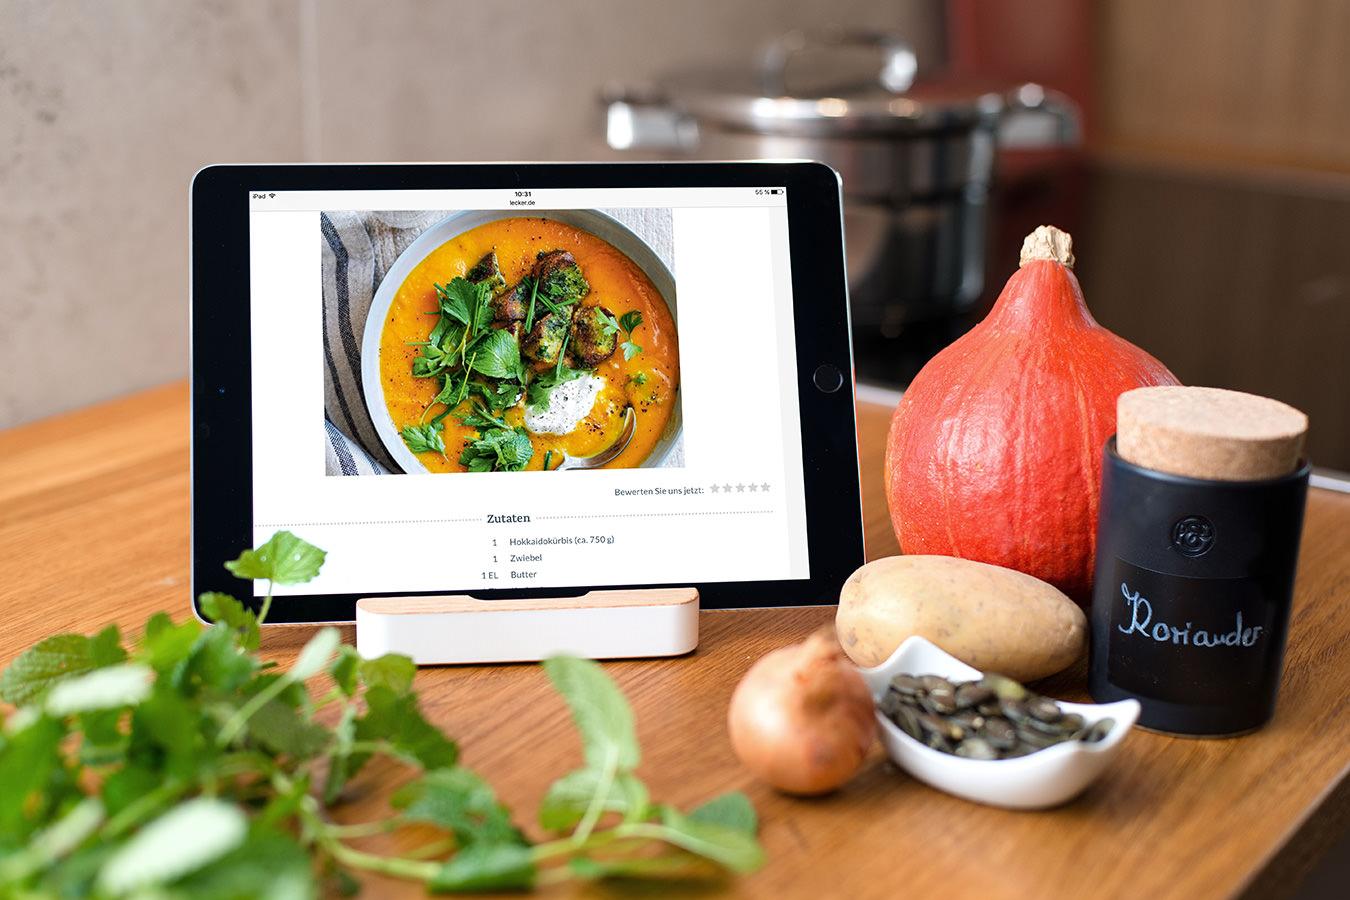 Full Size of Kleine Küche Einrichten Pinterest Sehr Schmale Küche Einrichten Apothekerschrank Küche Einrichten Restaurant Küche Einrichten Kosten Küche Küche Einrichten